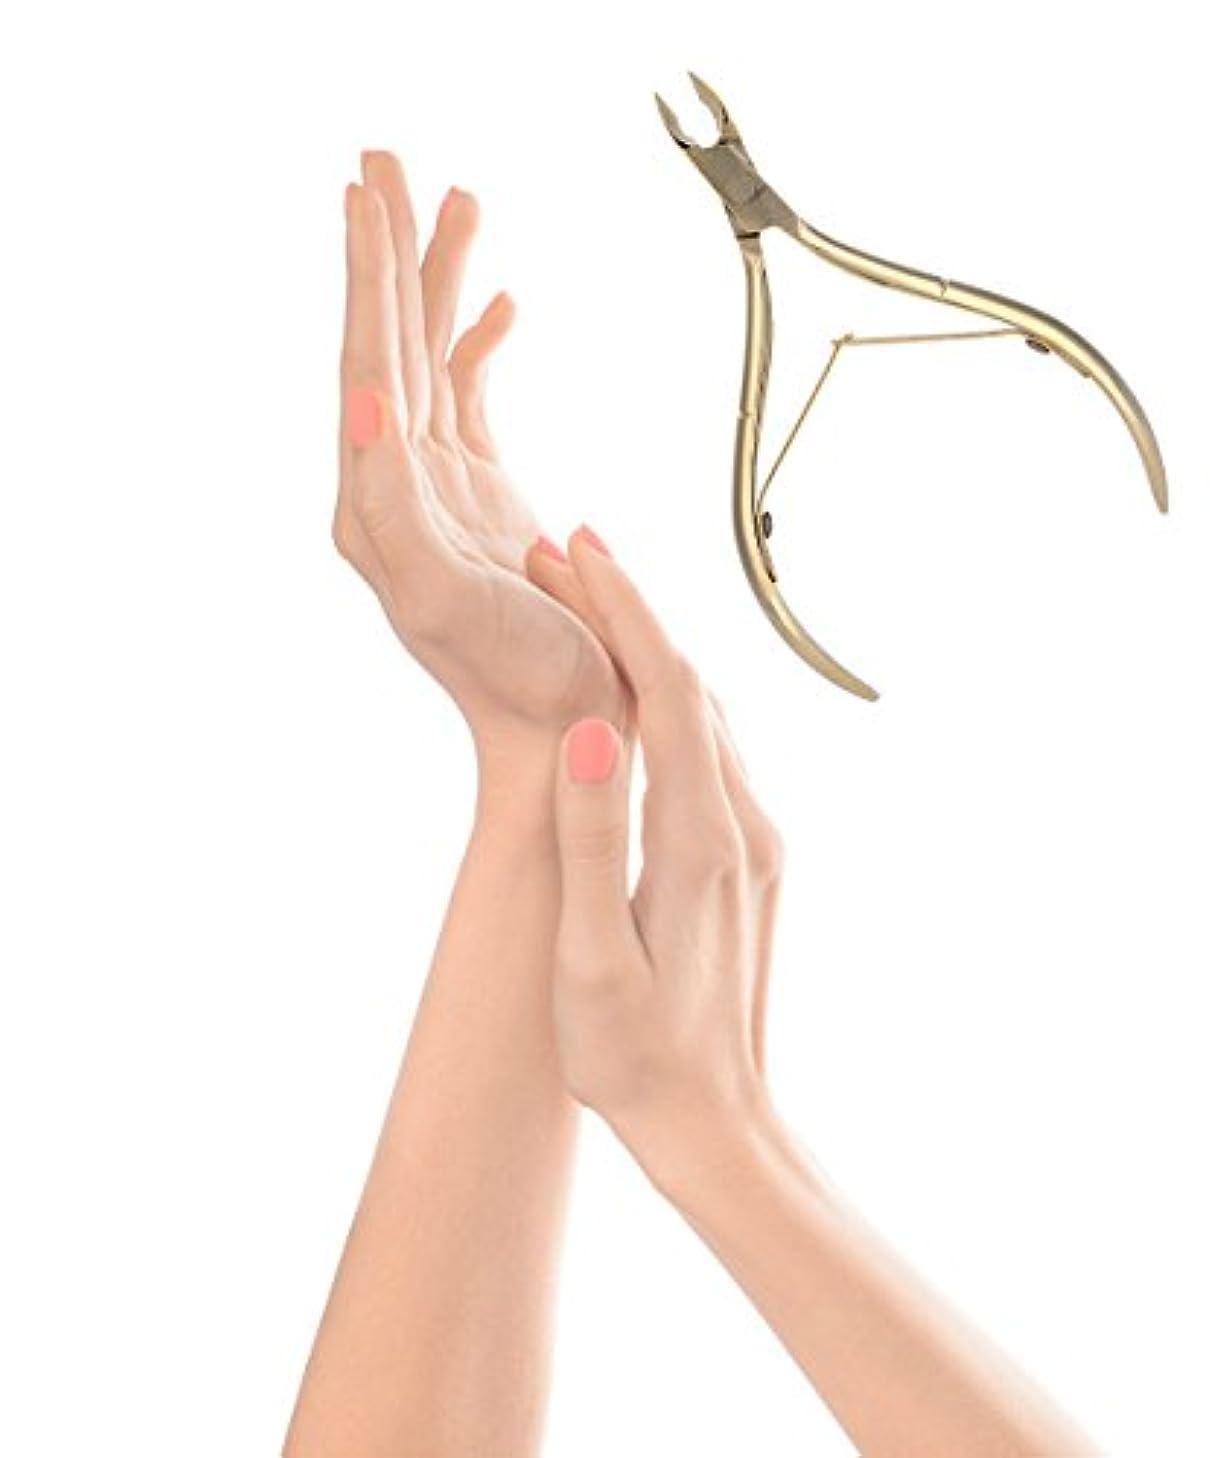 のホスト魅了するフィールド爪切り ネイルケア ネイルマニキュアツール ステンレス鋼 快適で便利